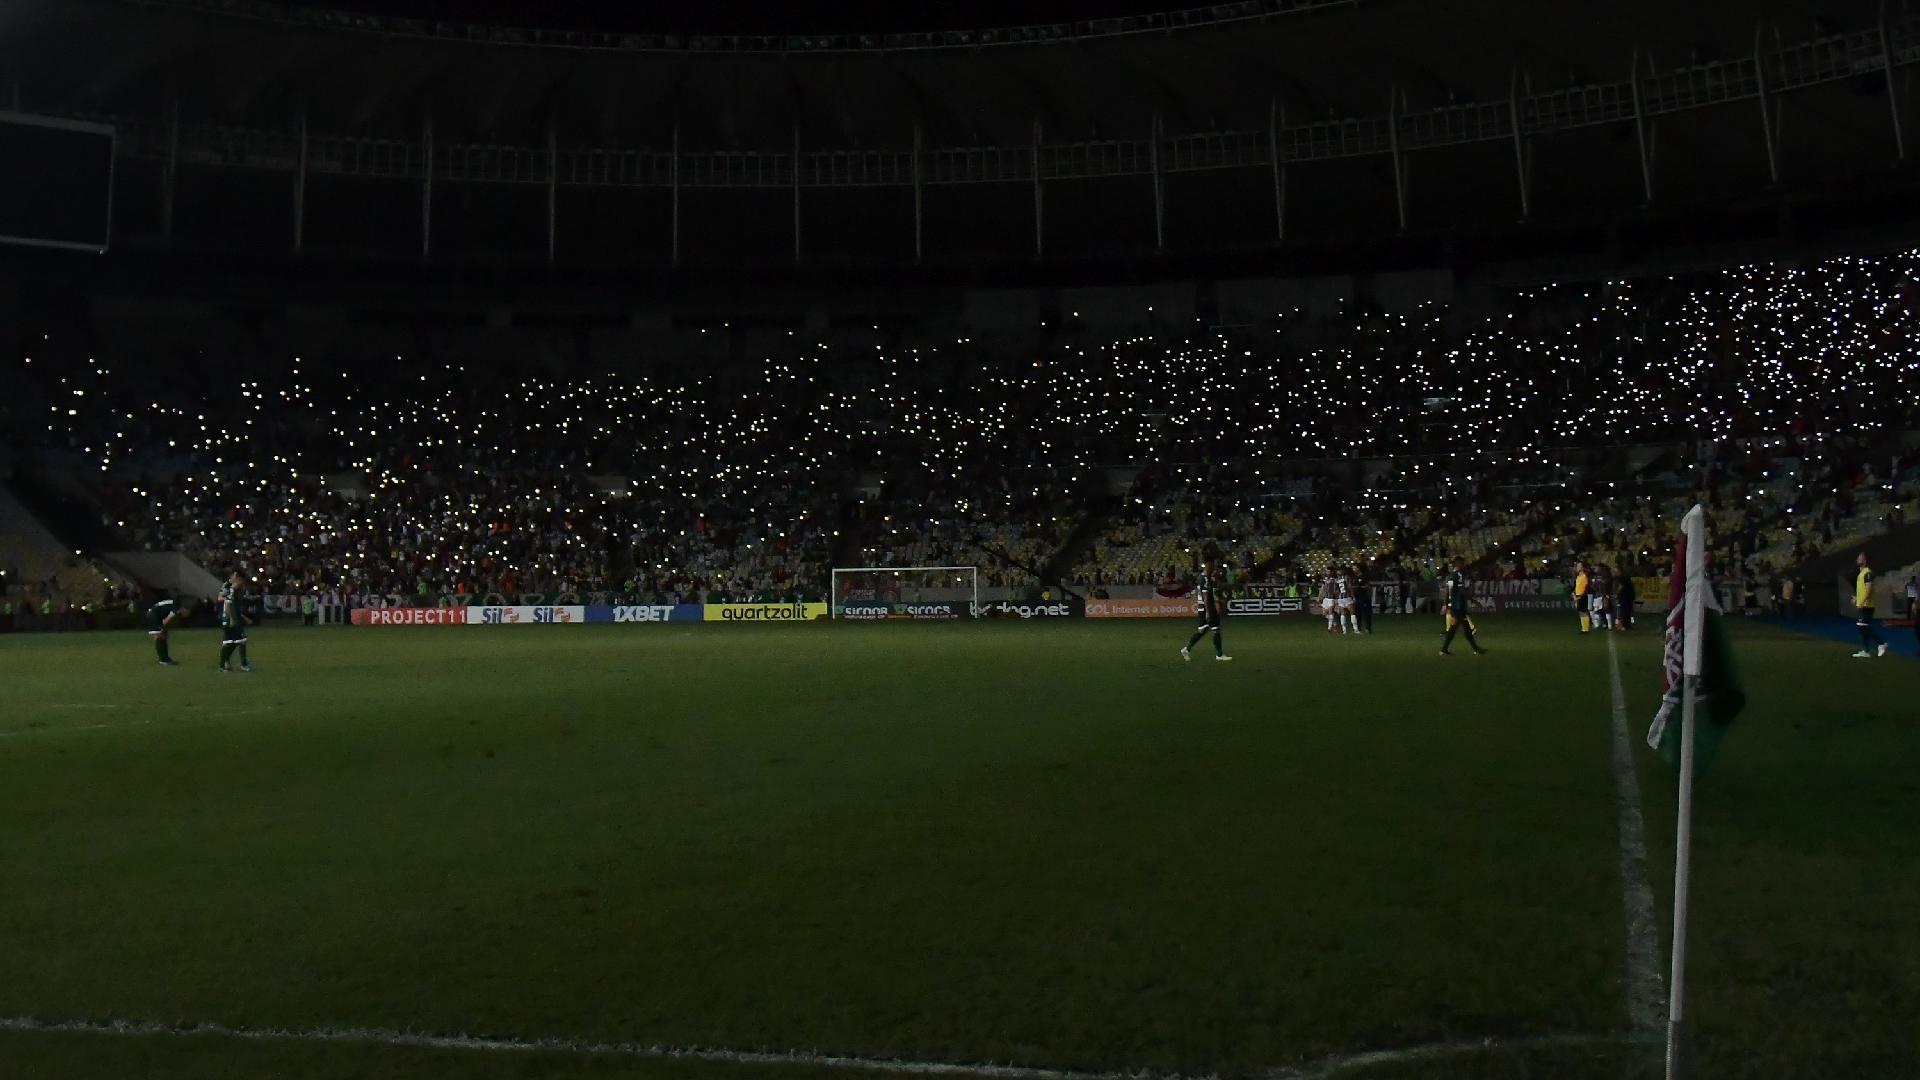 Falta de luz durante partida entre Fluminense e Goiás no estádio Maracanã pelo Campeonato Brasileiro 2019